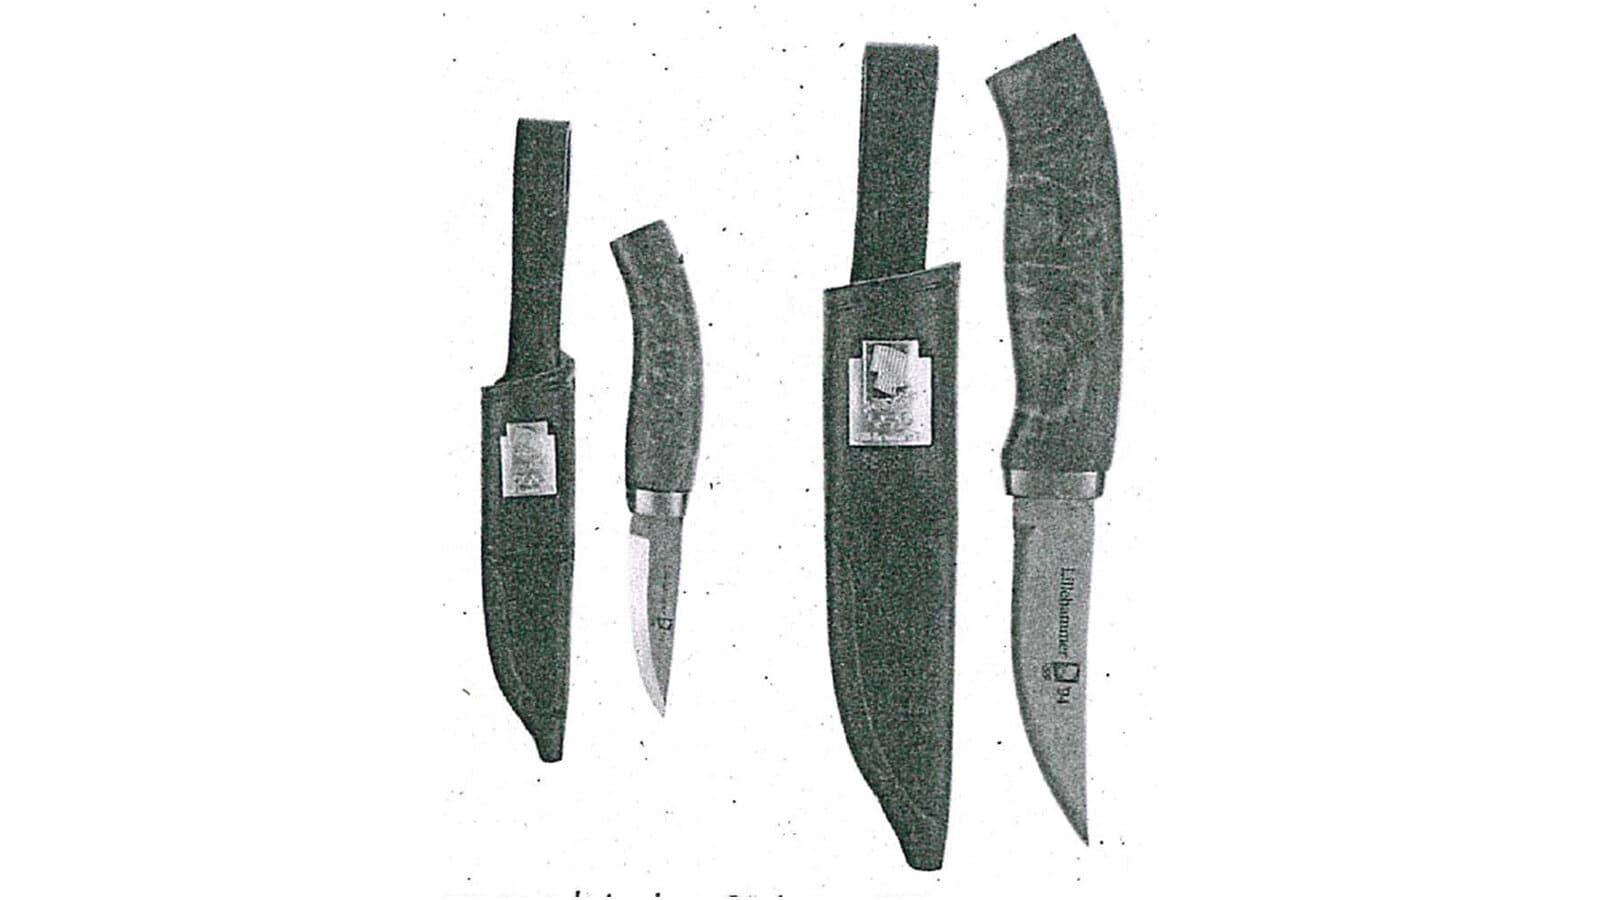 https://www.brusletto.no/pub_docs/files/Bruslettoer125år/Norges-storste-knivsuksess.-OL-knivene-Kristin-og-Olav-fra-1994_169.jpg